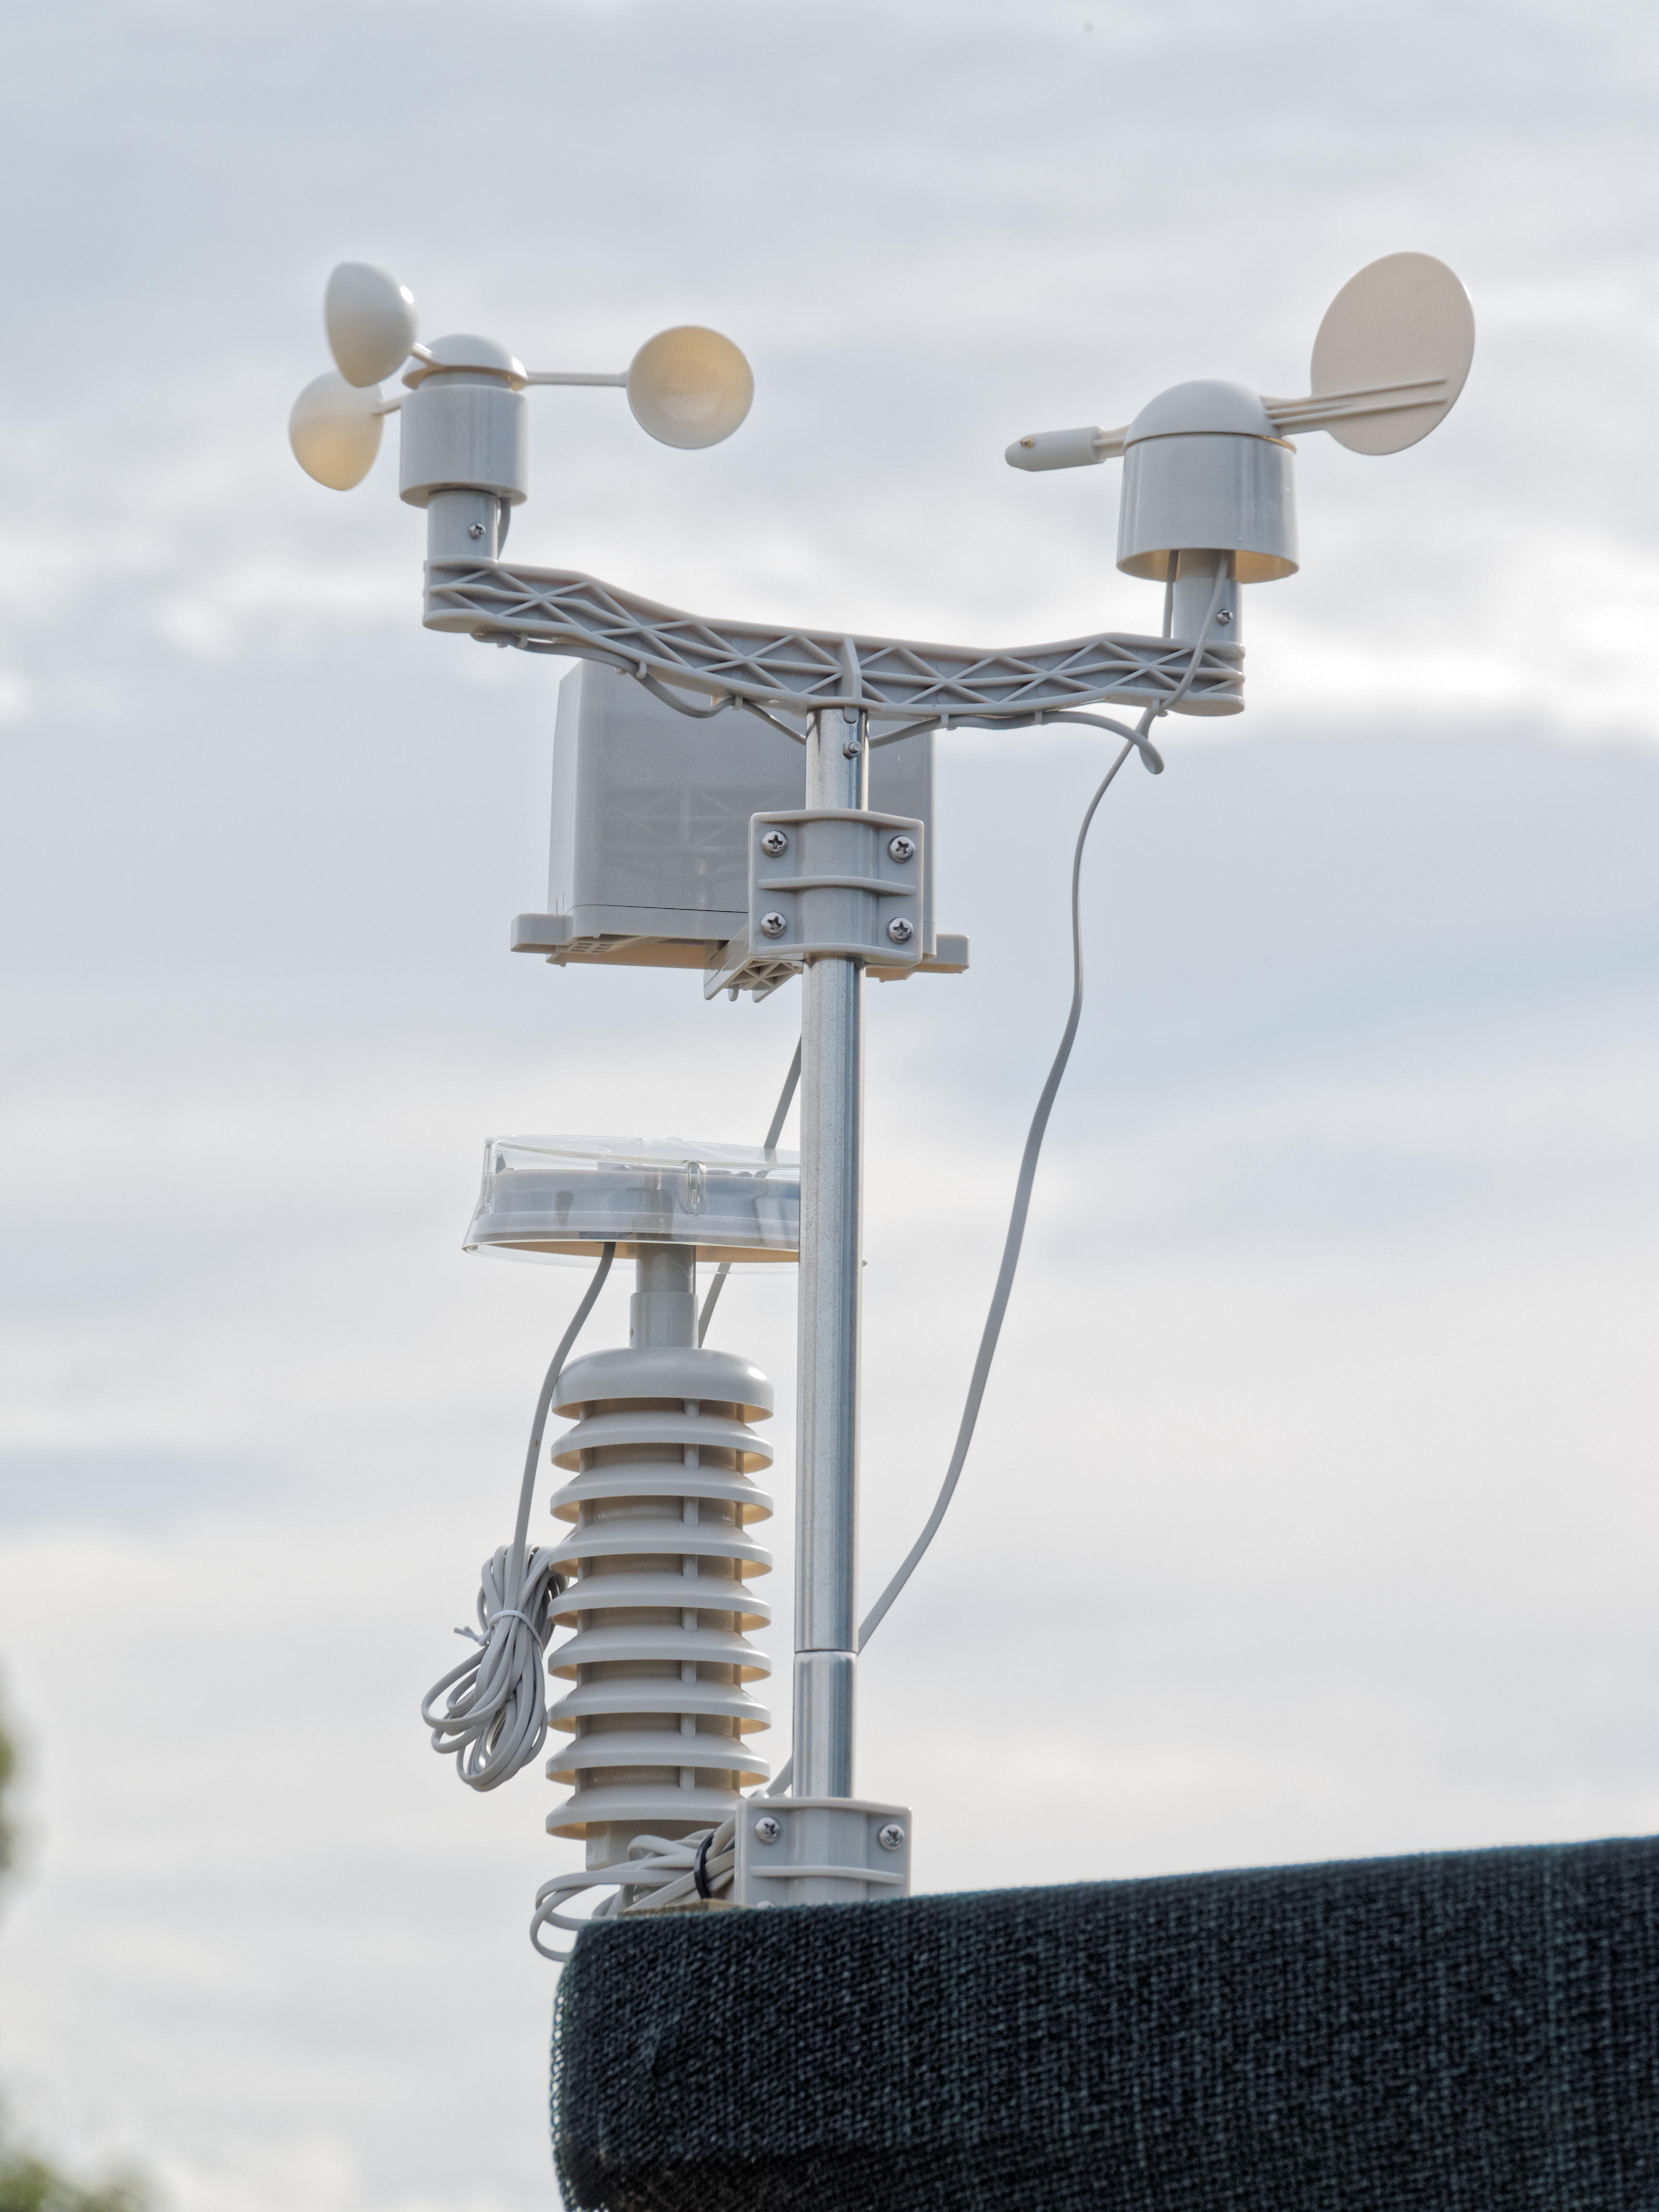 Weather-station-2.jpeg